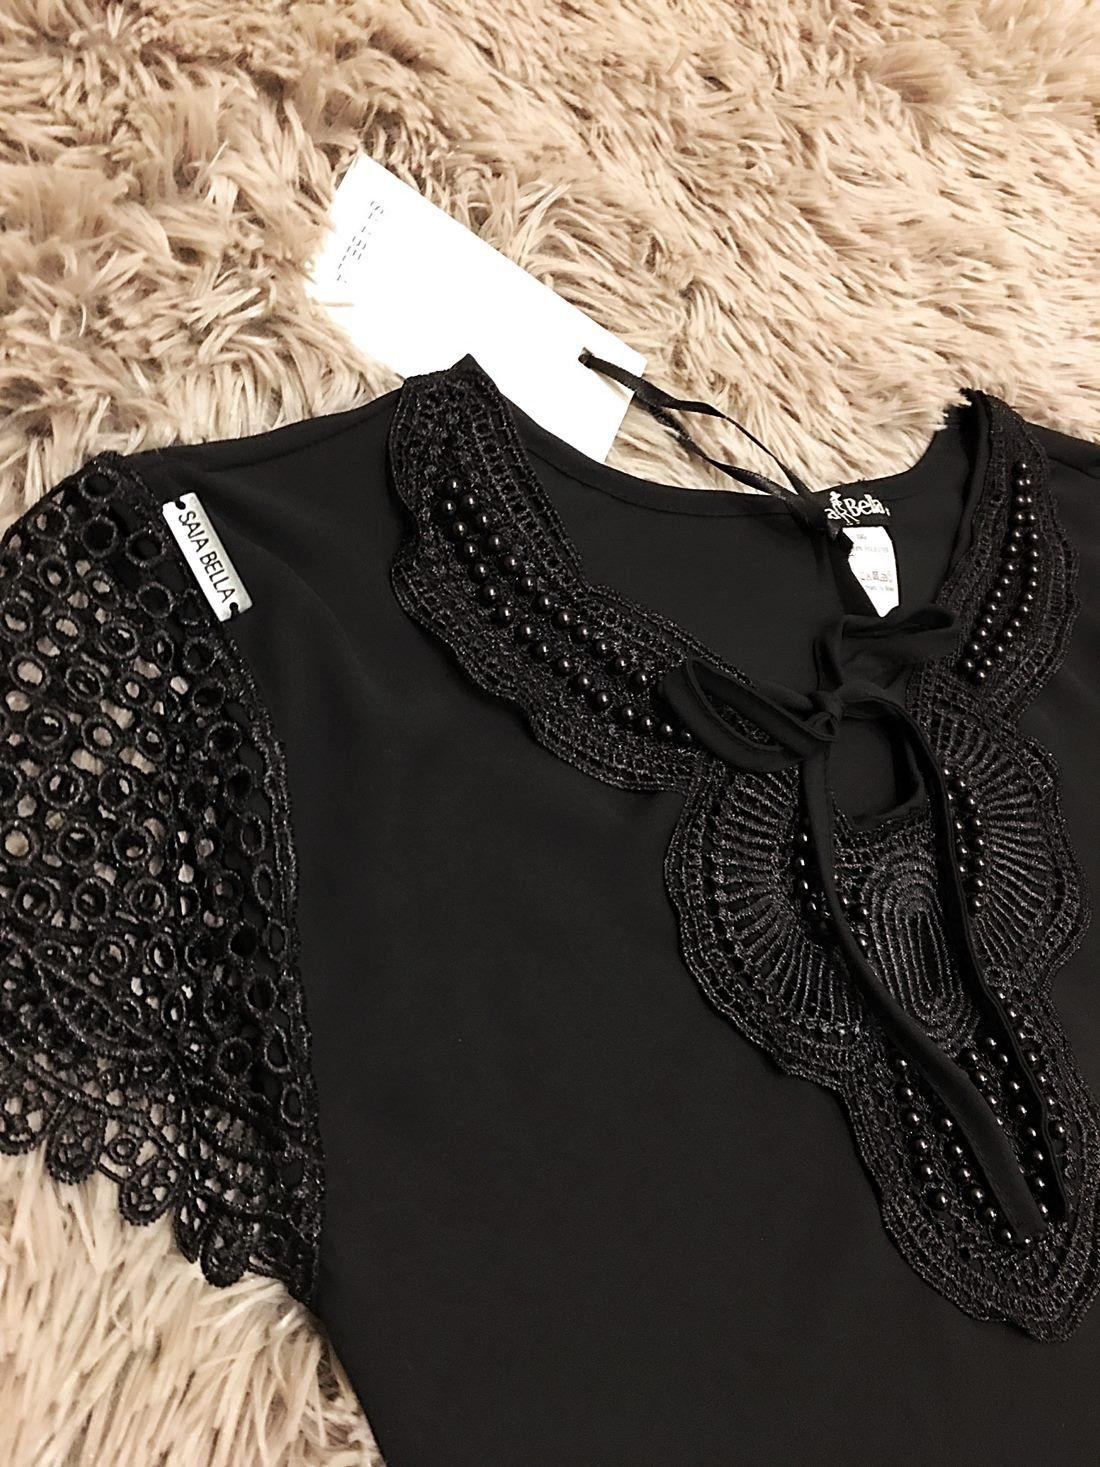 Blusa de Renda Saia Bella - SB9960 preto